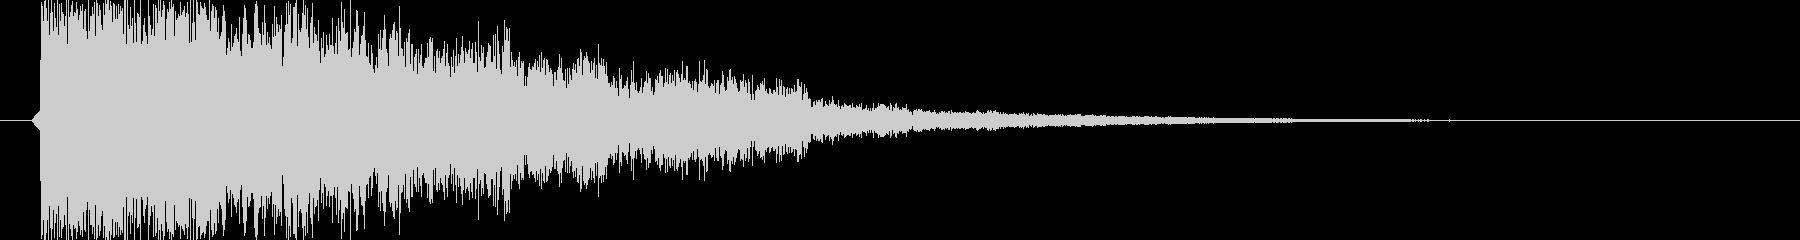 ガキーン 派手な金属音1の未再生の波形